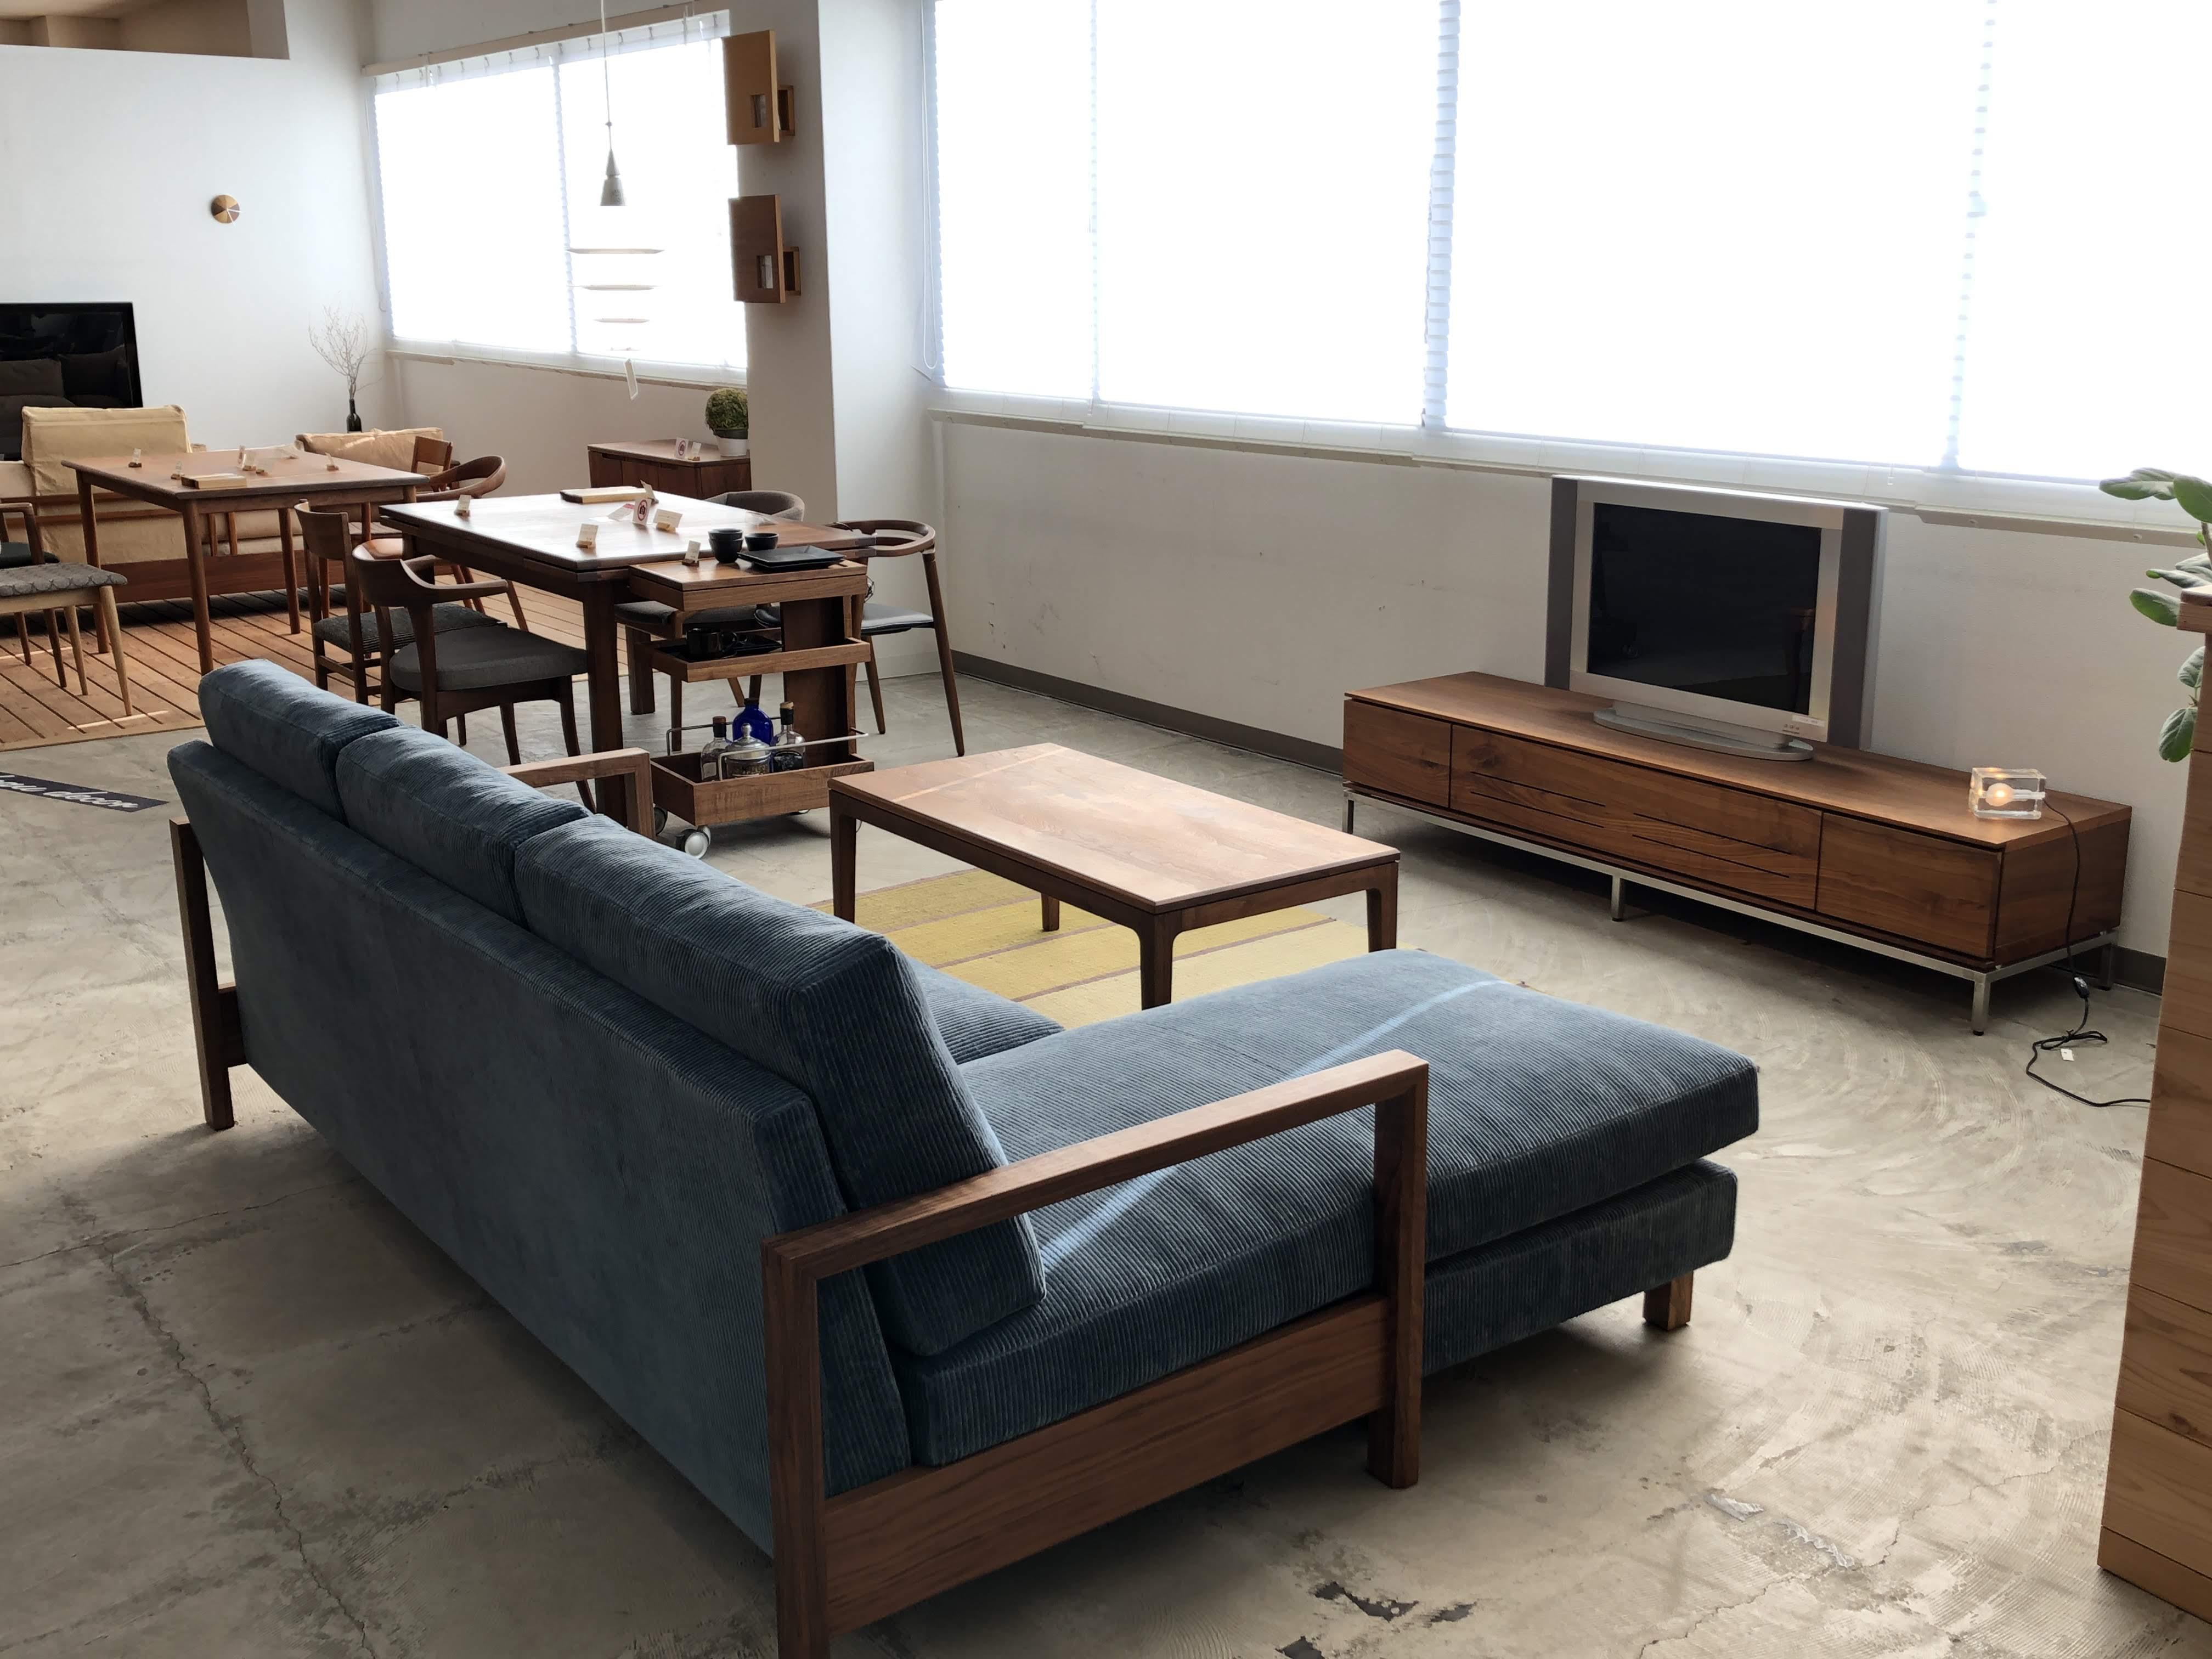 ウォールナット材のウッドフレームソファで、TVボードとリビングテーブルもウォールナット材でトータルコーディネート出来ます